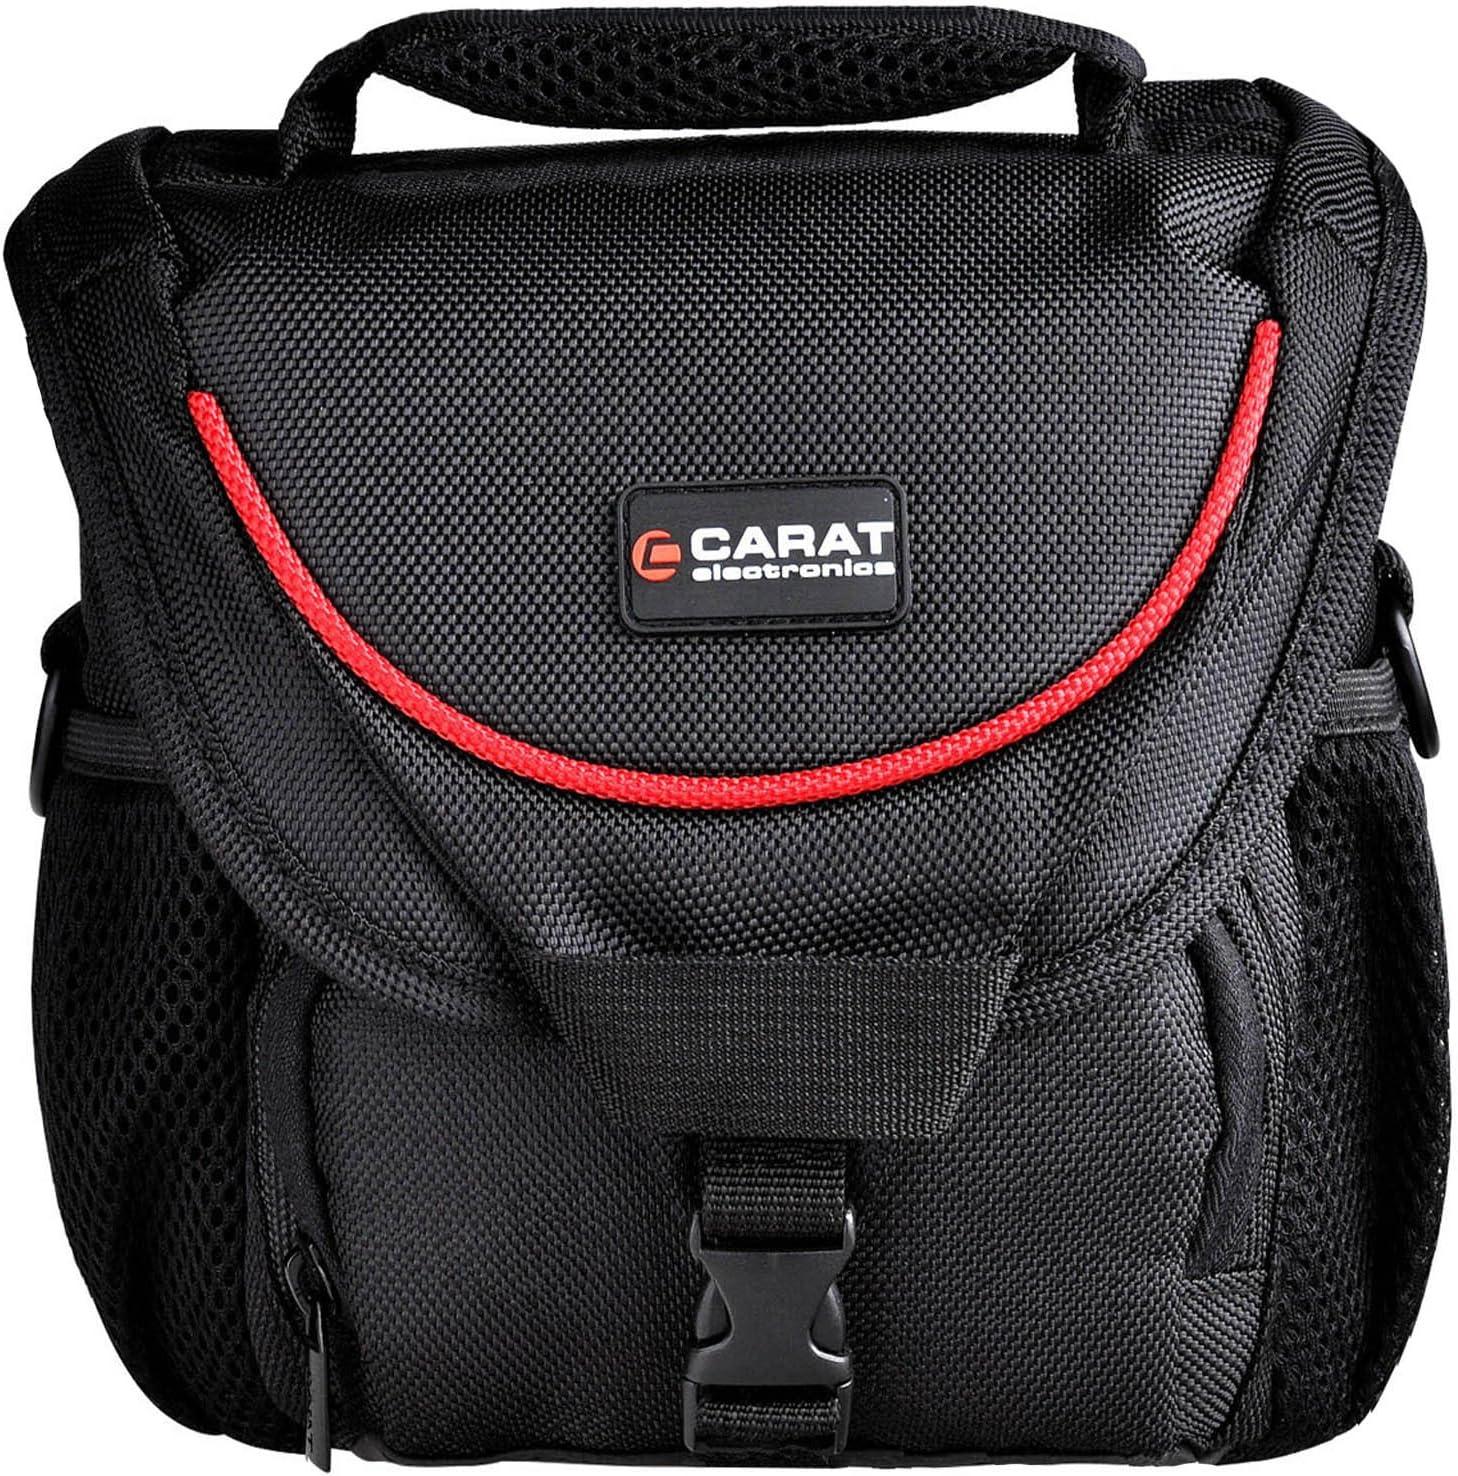 Photo Bag Camera Case Tough Sniper Strap with Travel Tripod for Canon EOS 700D 100D 36D 1300D 1200D 760D 750D